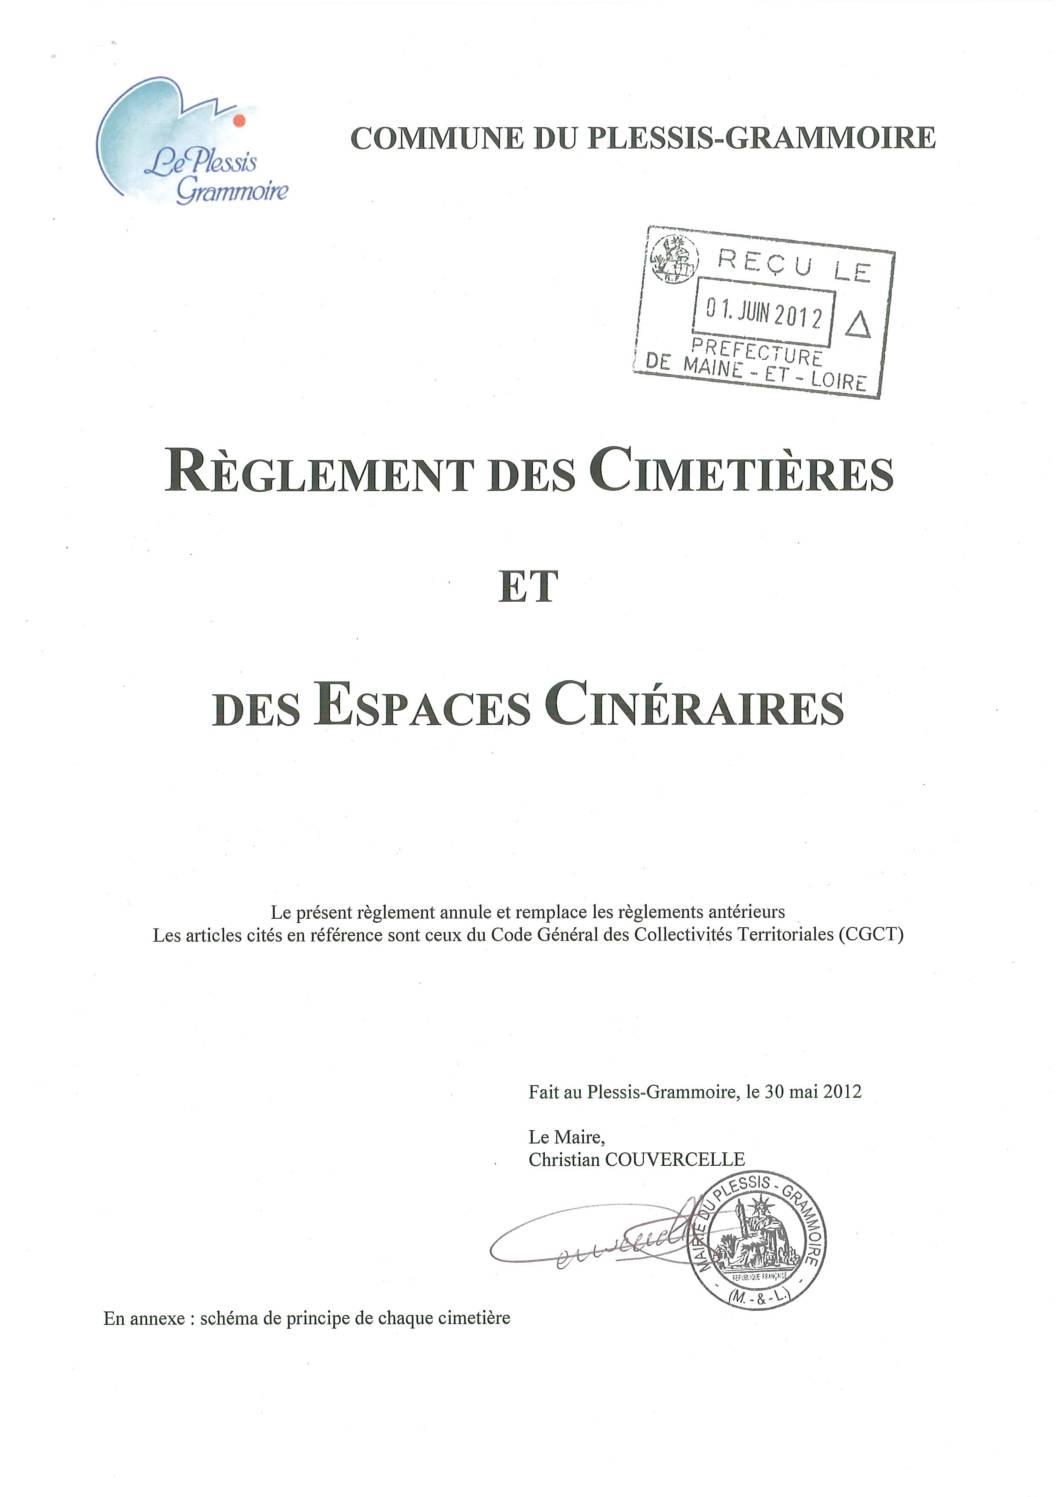 Règlement cimetières